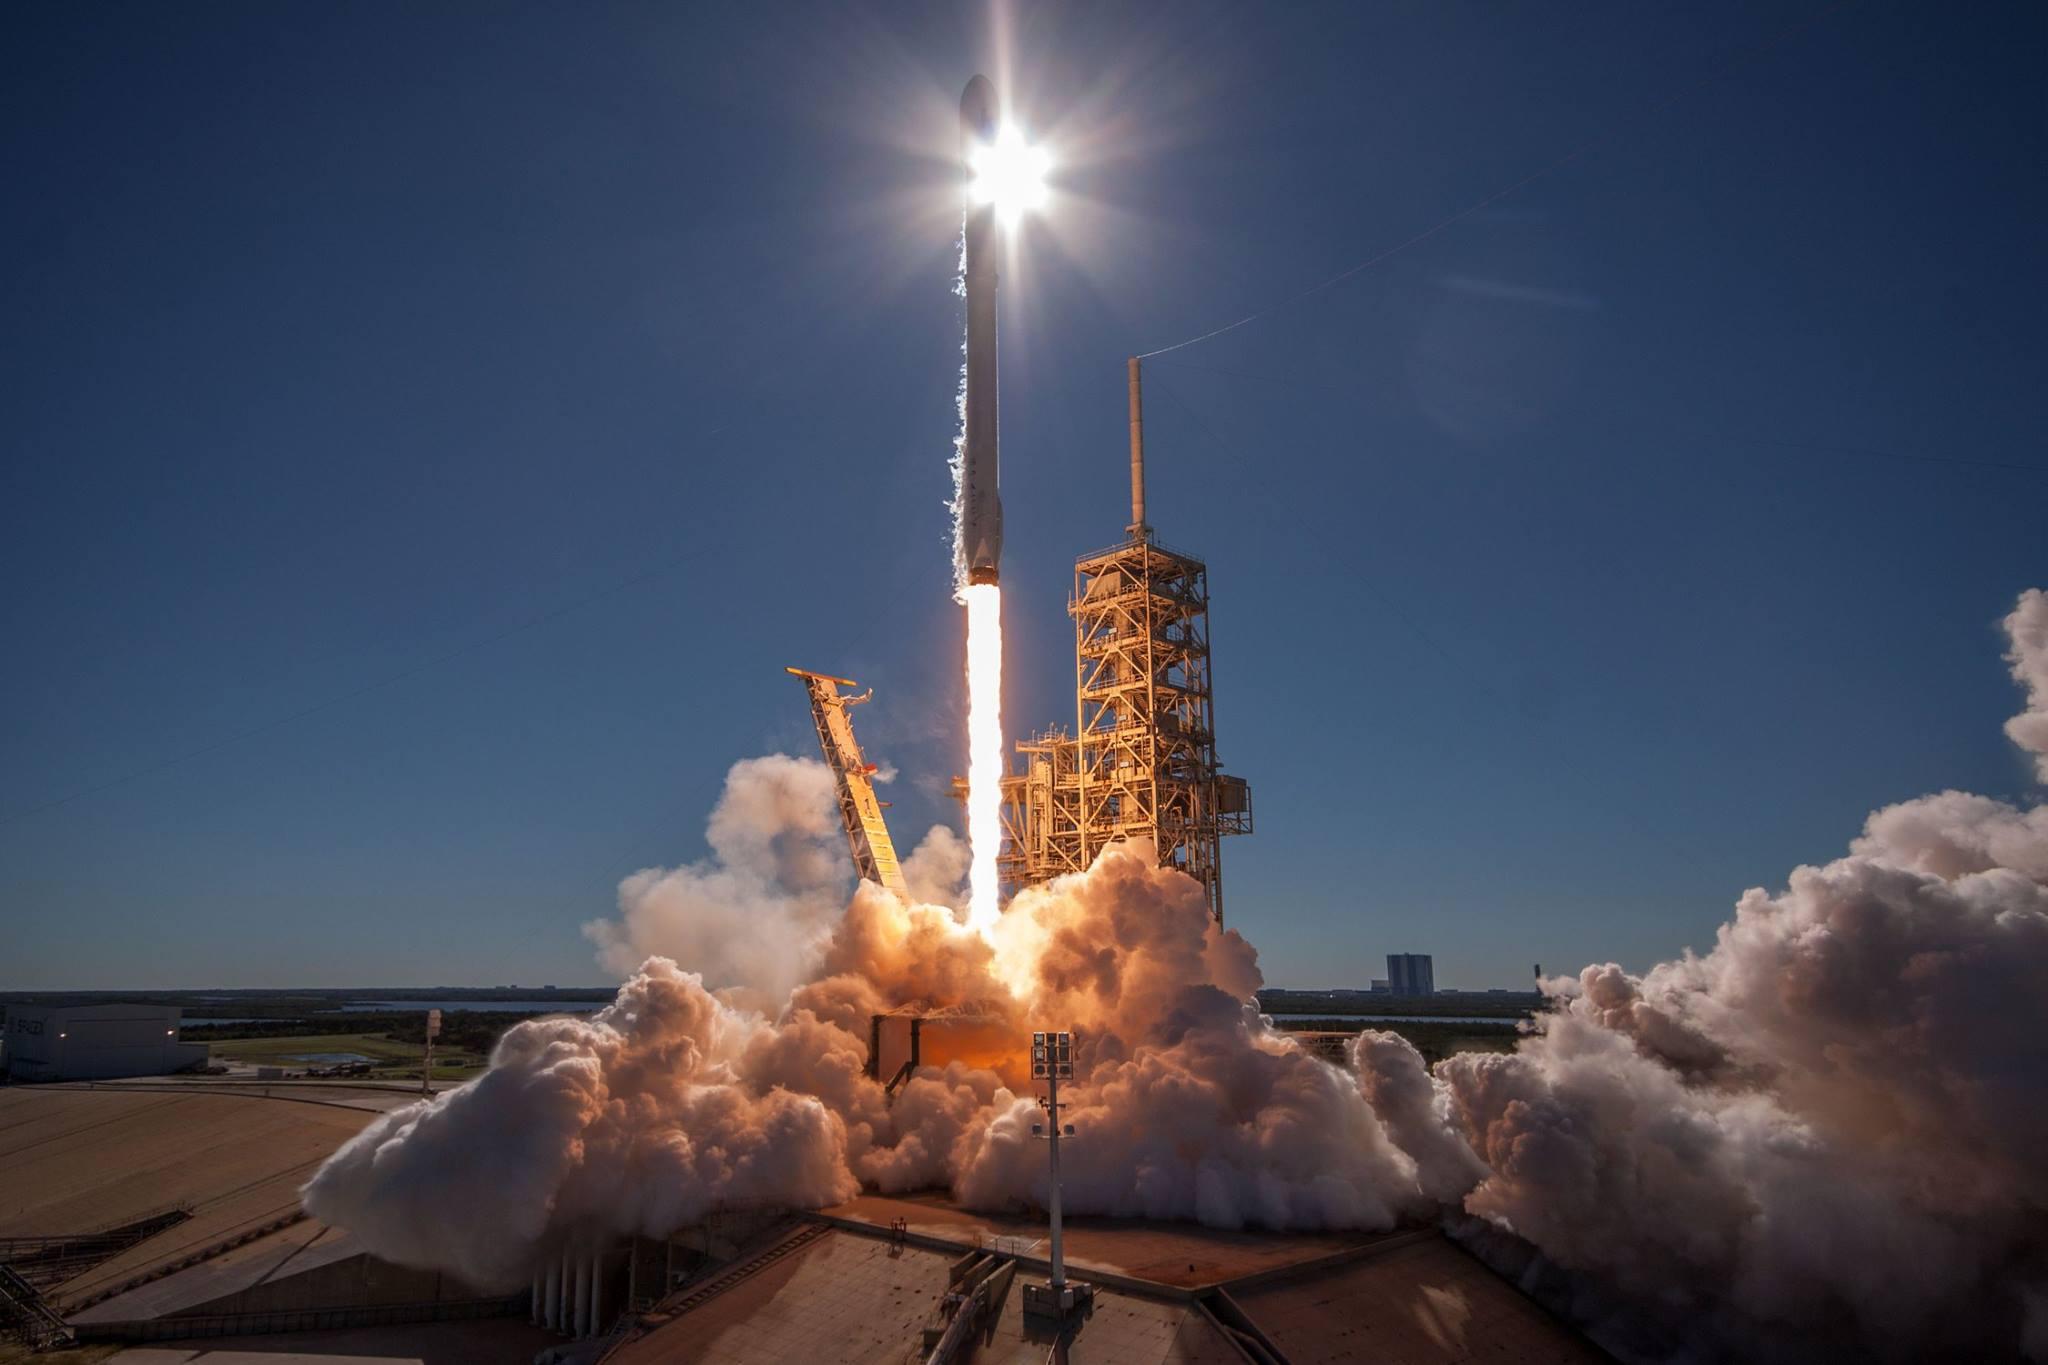 Koreasat-5A rocket launching